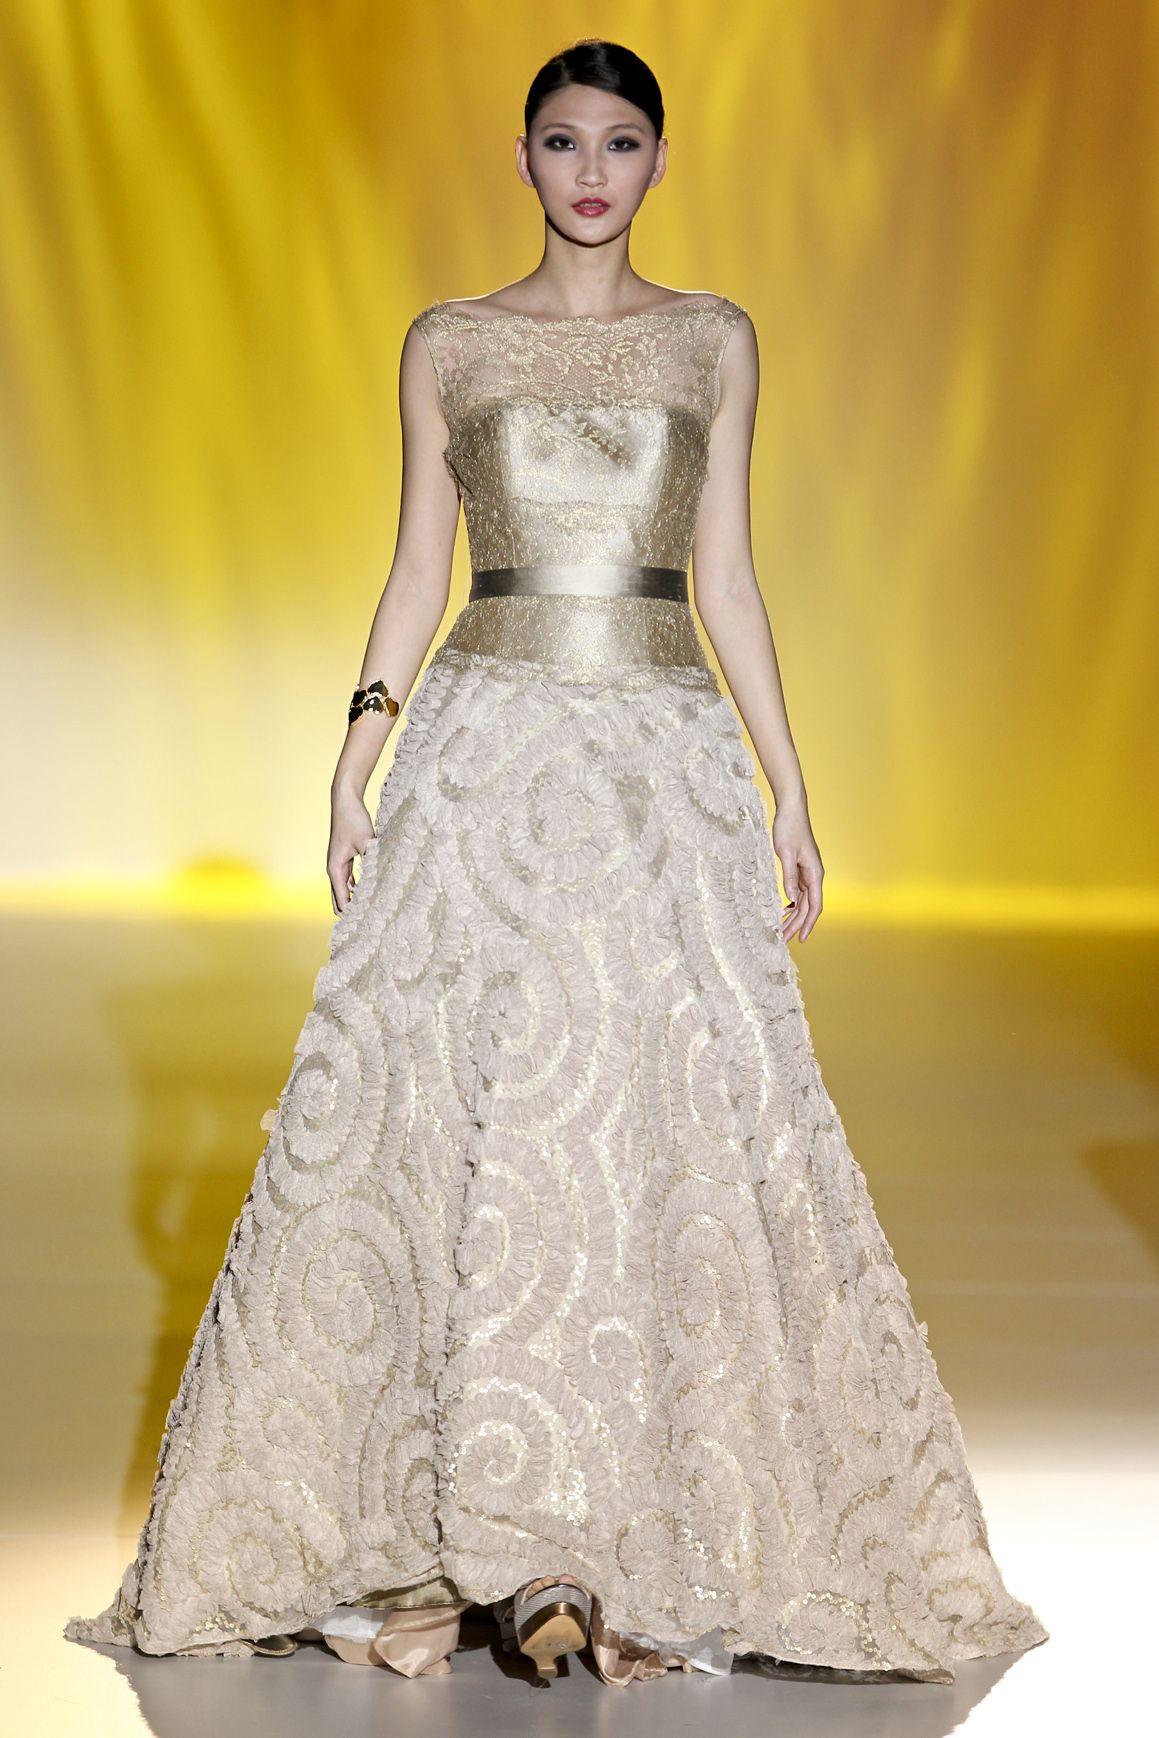 abbastanza 5 abiti da sposa dorati per la primavera estate 2014 MS34